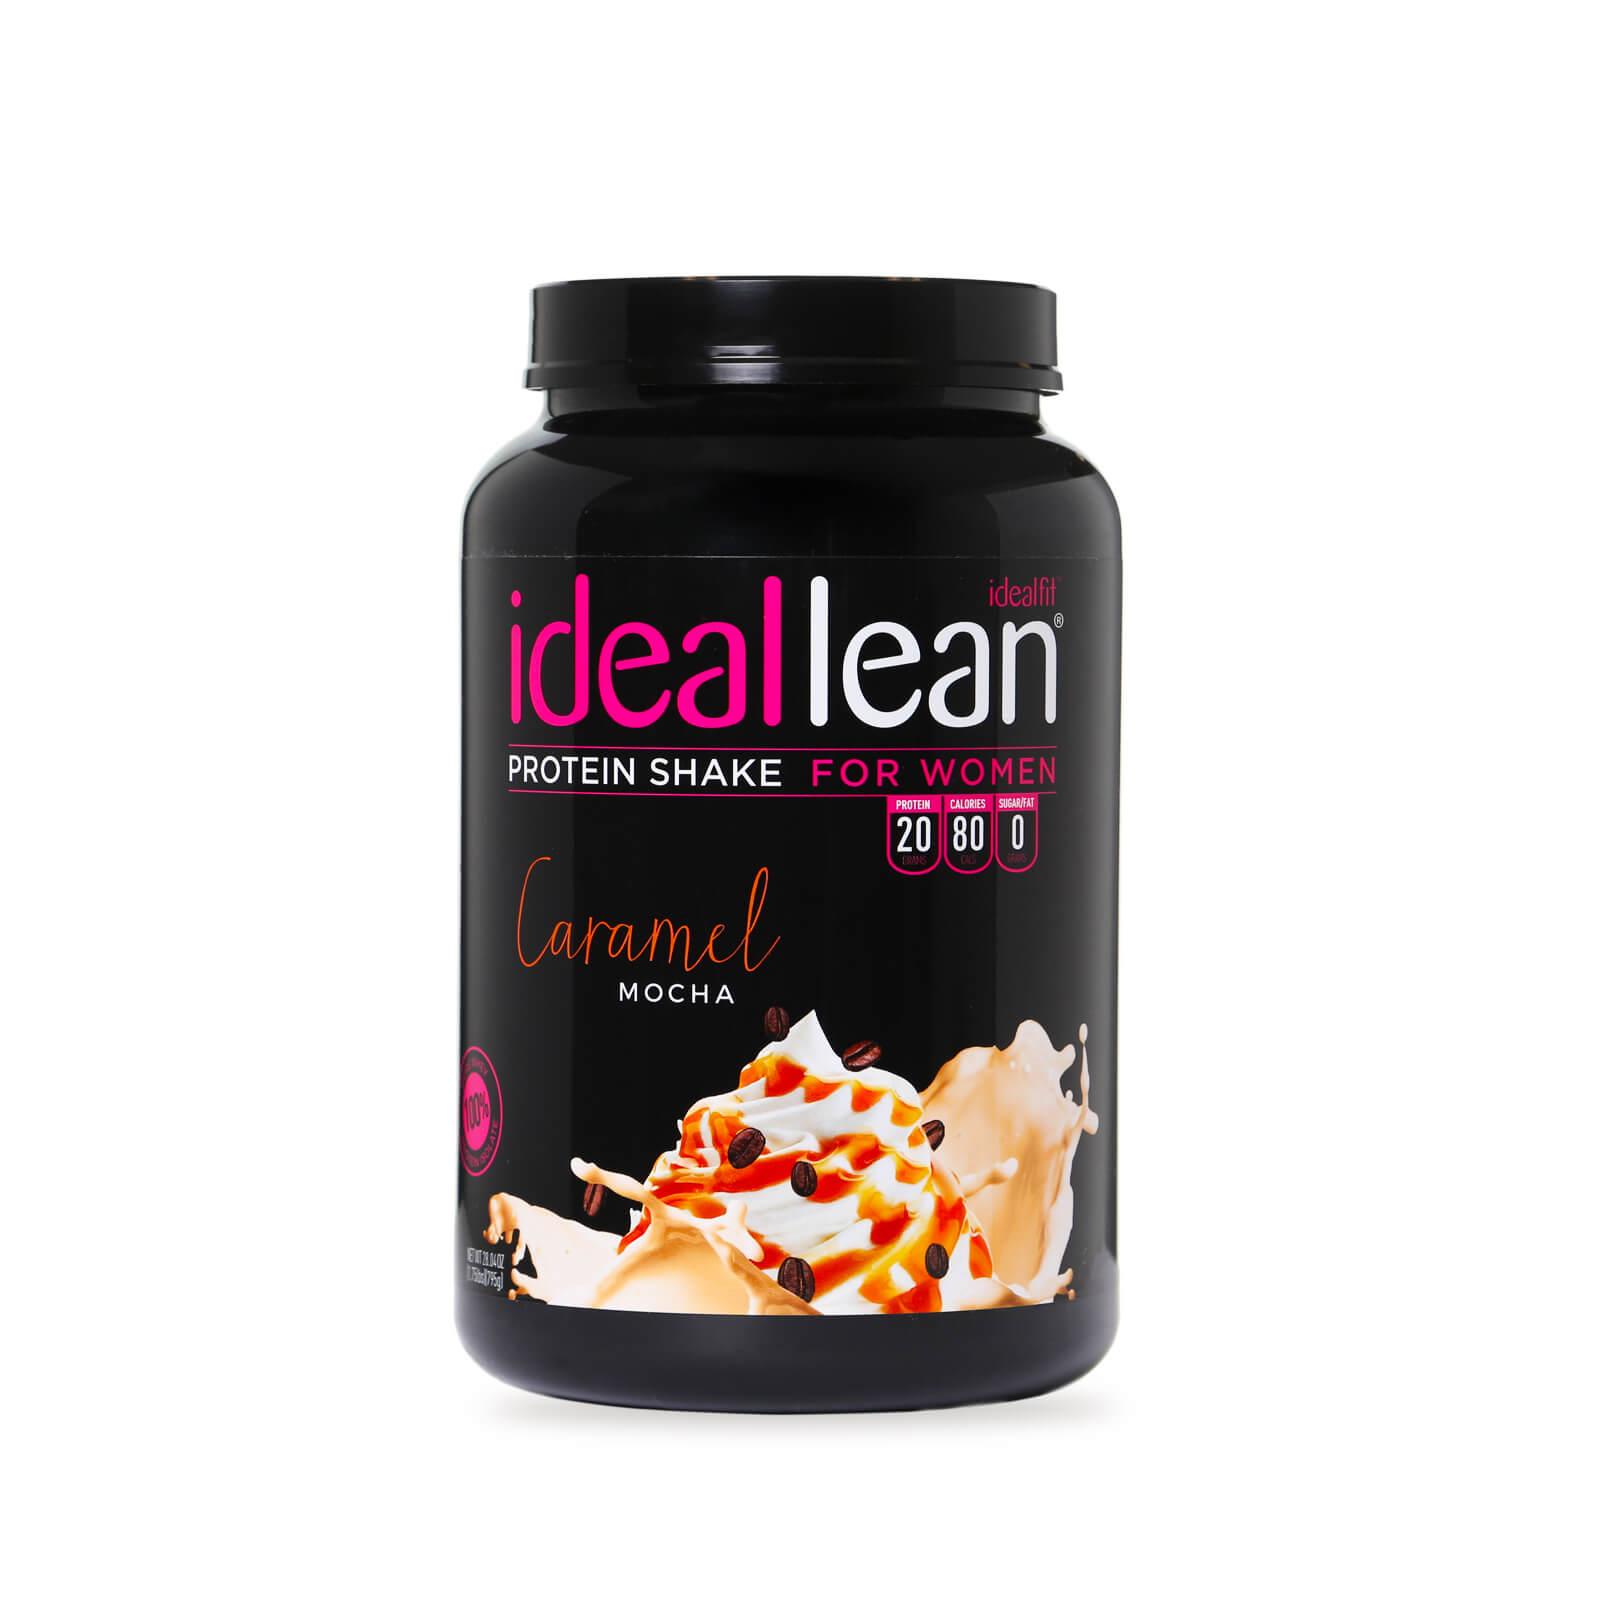 Caramel Mocha Protein Powder For Women